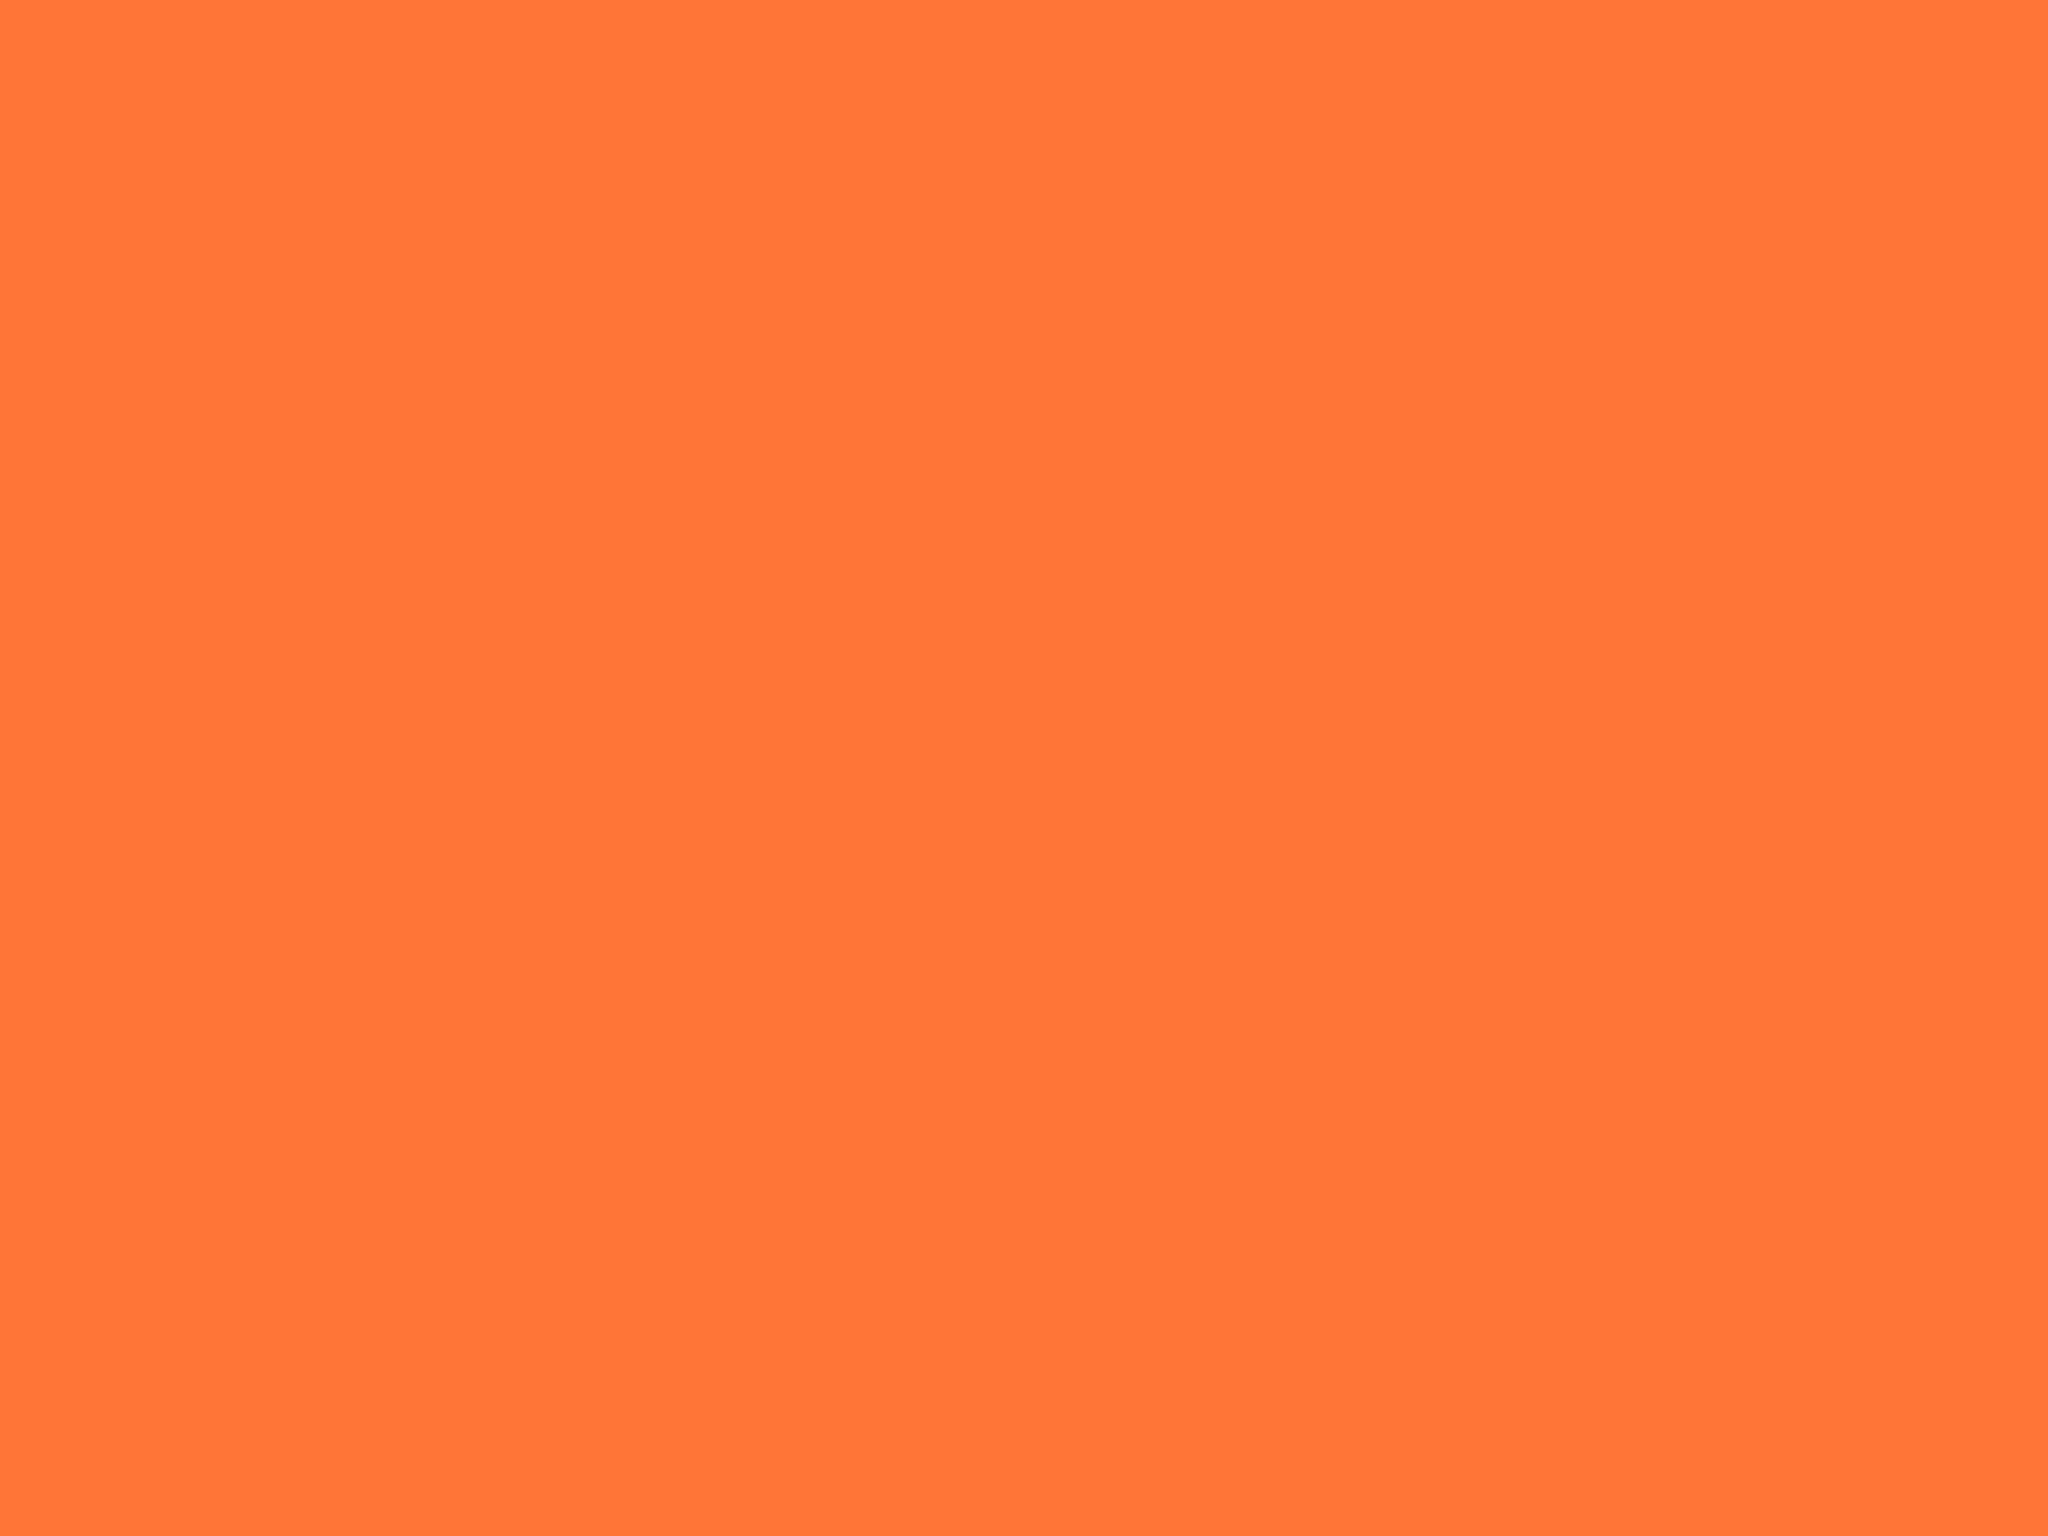 2048x1536 Orange Crayola Solid Color Background